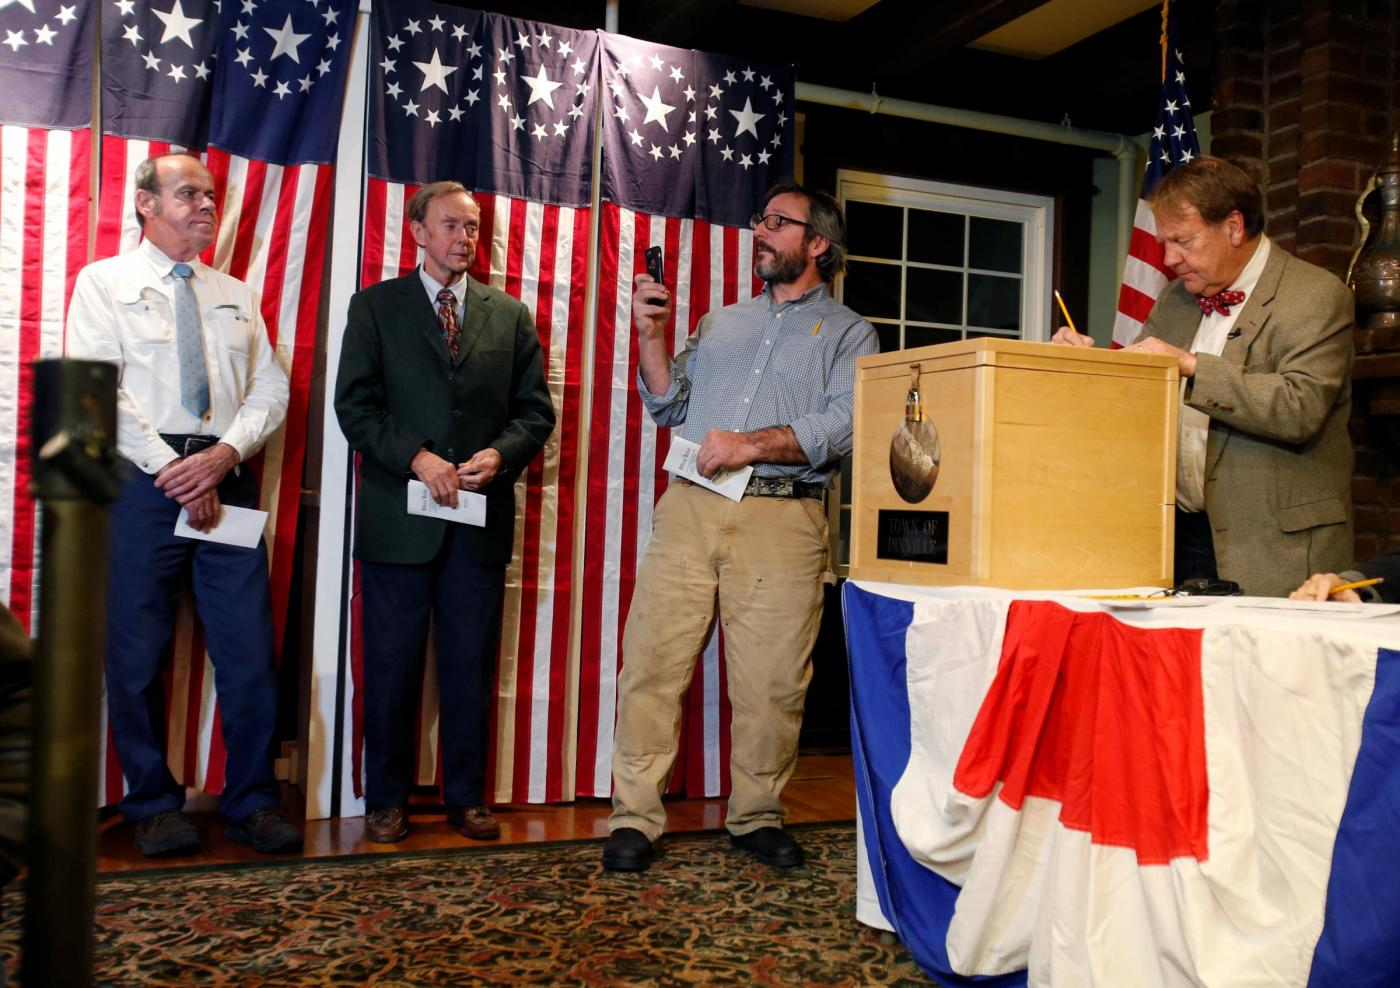 Elezioni USA 2016: alla Clinton Dixville Notch, il paese portafortuna